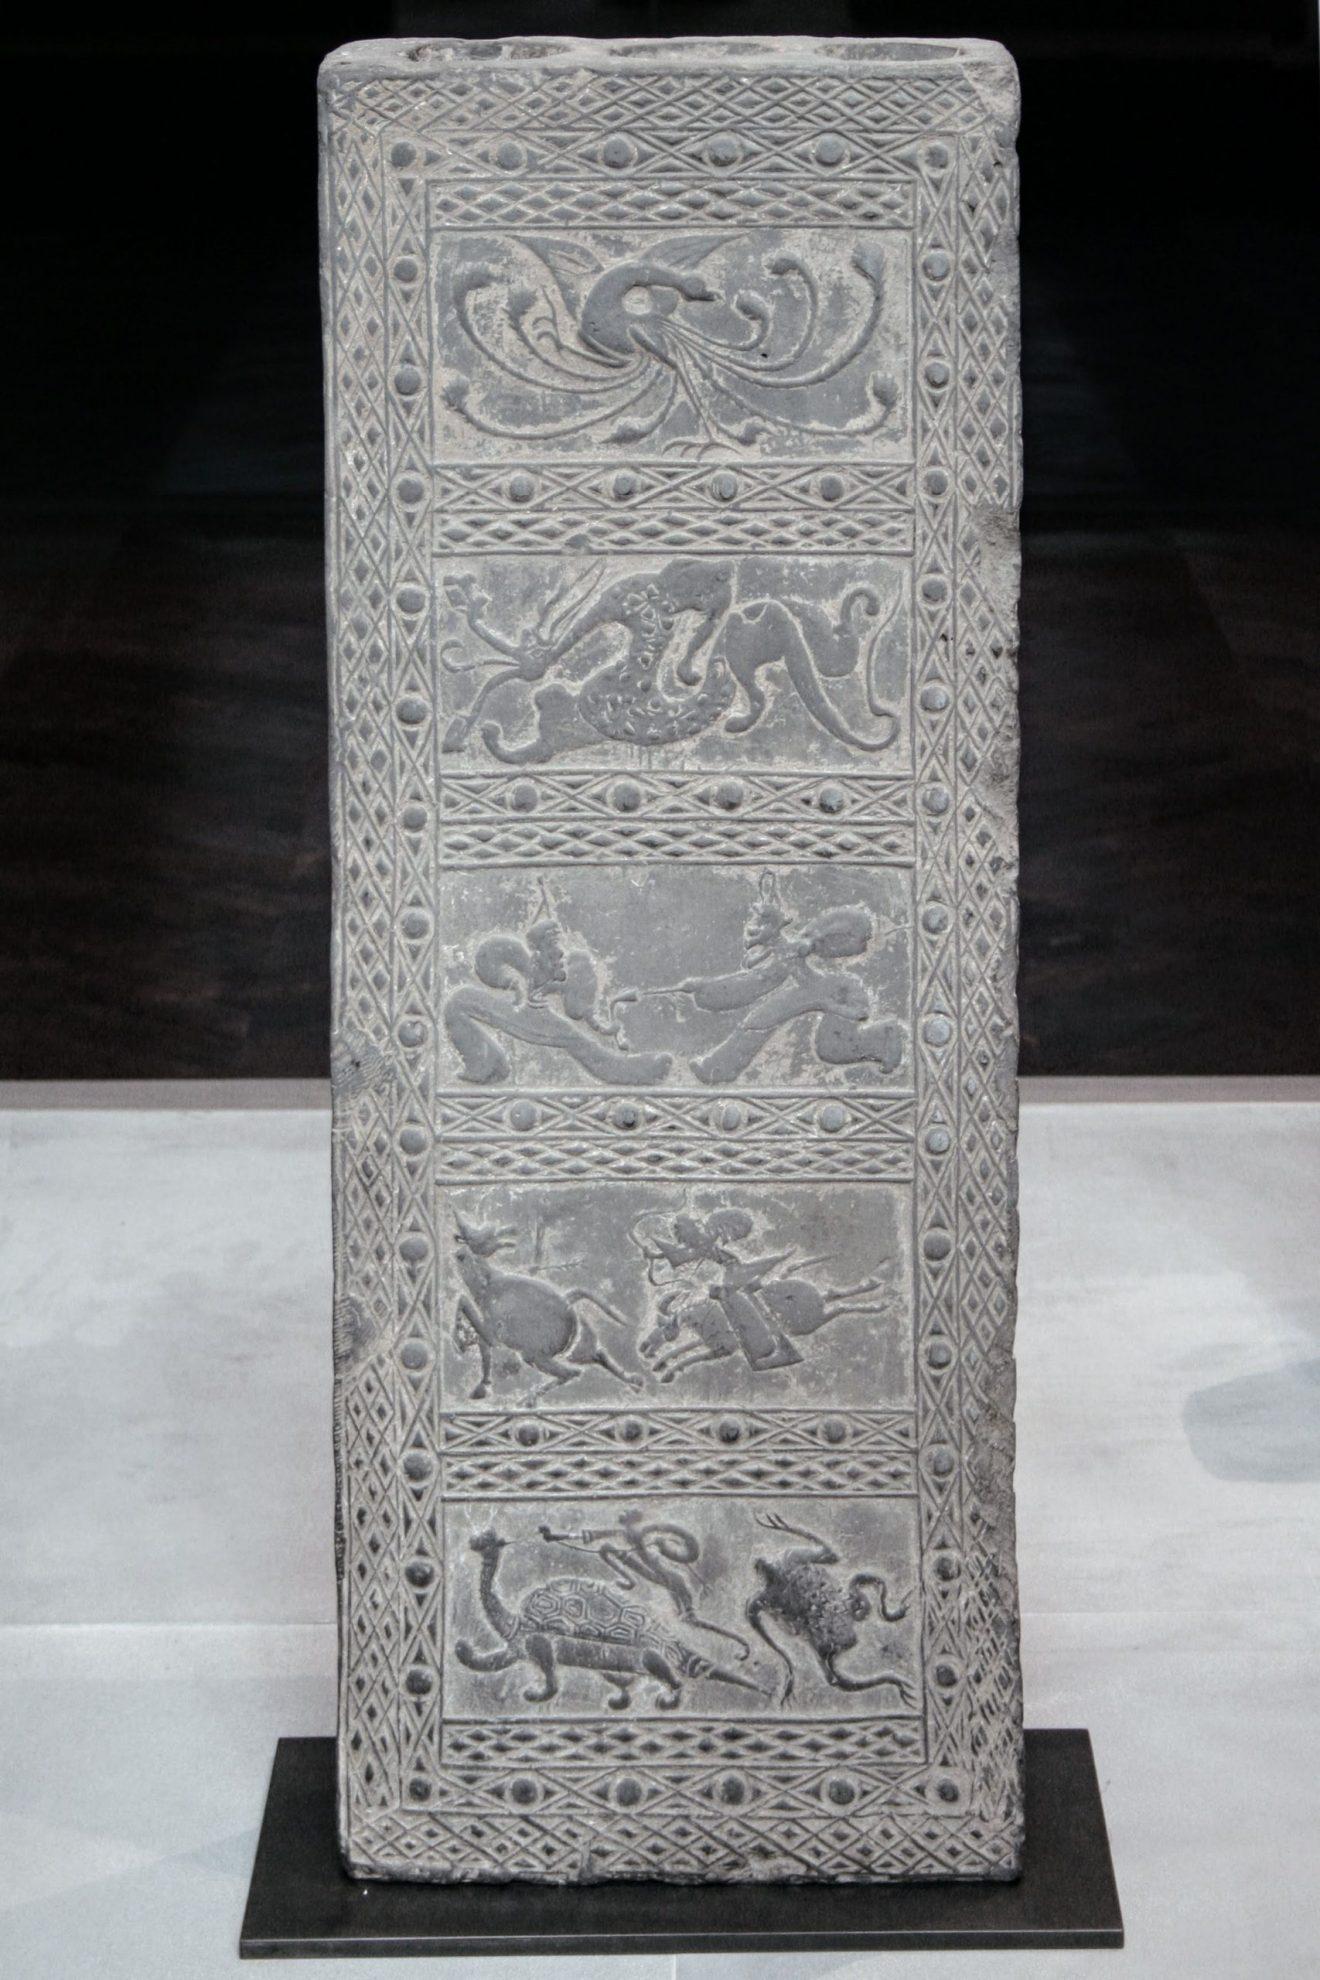 Stèle de terre cuite de la dynastie des Han, représentant des scènes de chasse et de bataille contenant des figures emblématiques des cinq directions cardinales, Musée Cernuschi,